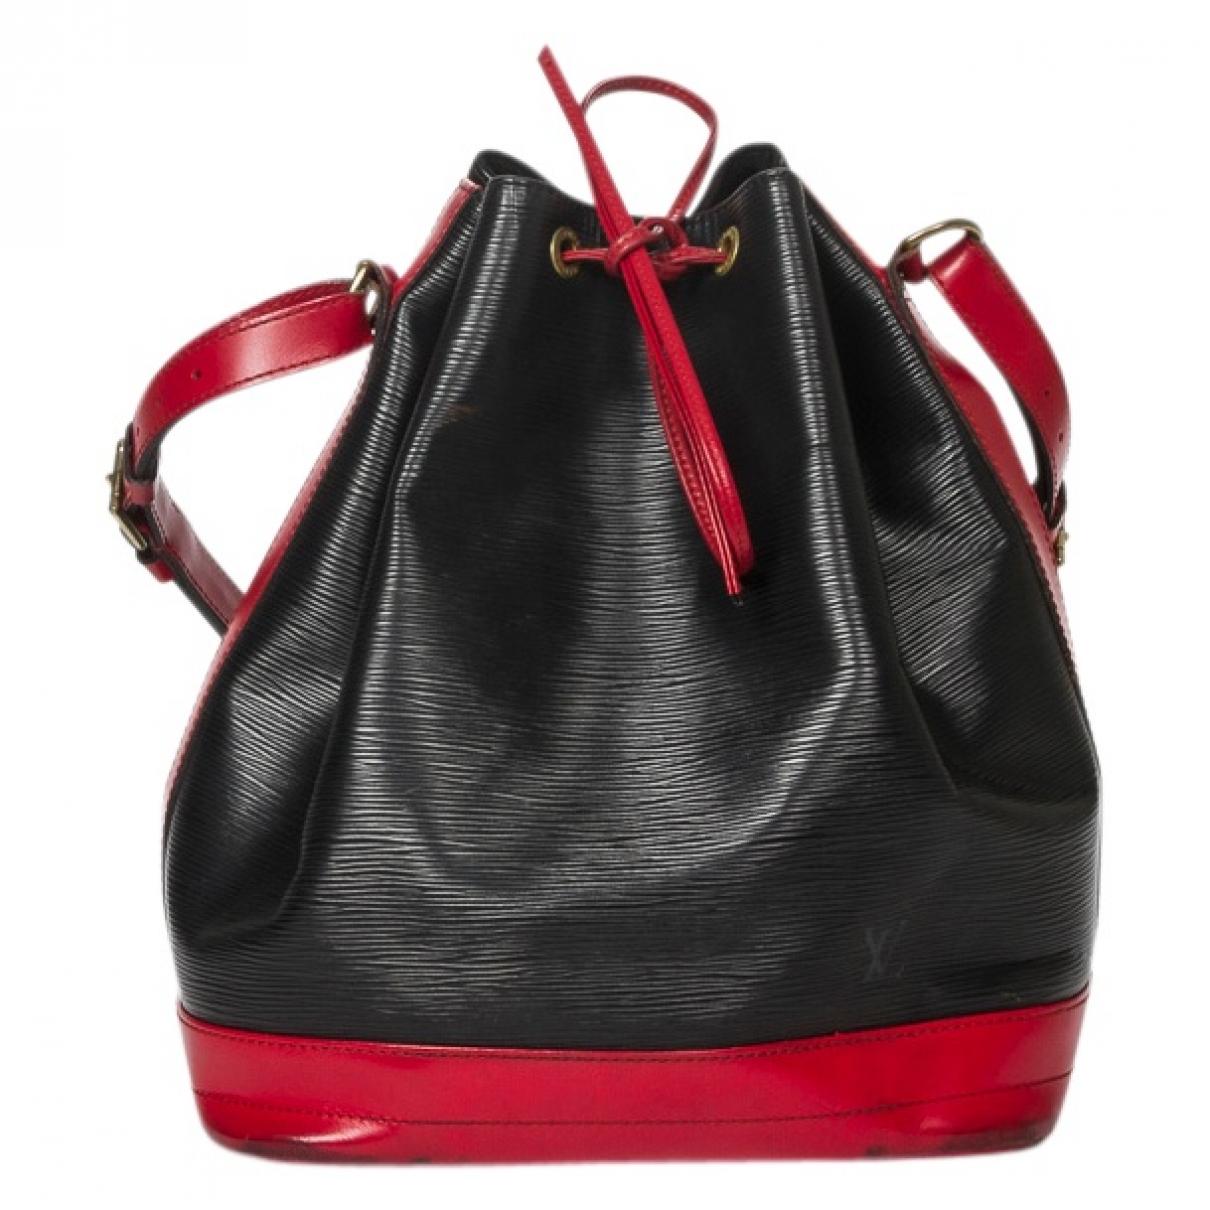 Louis Vuitton Noe Handtasche in  Schwarz Leder